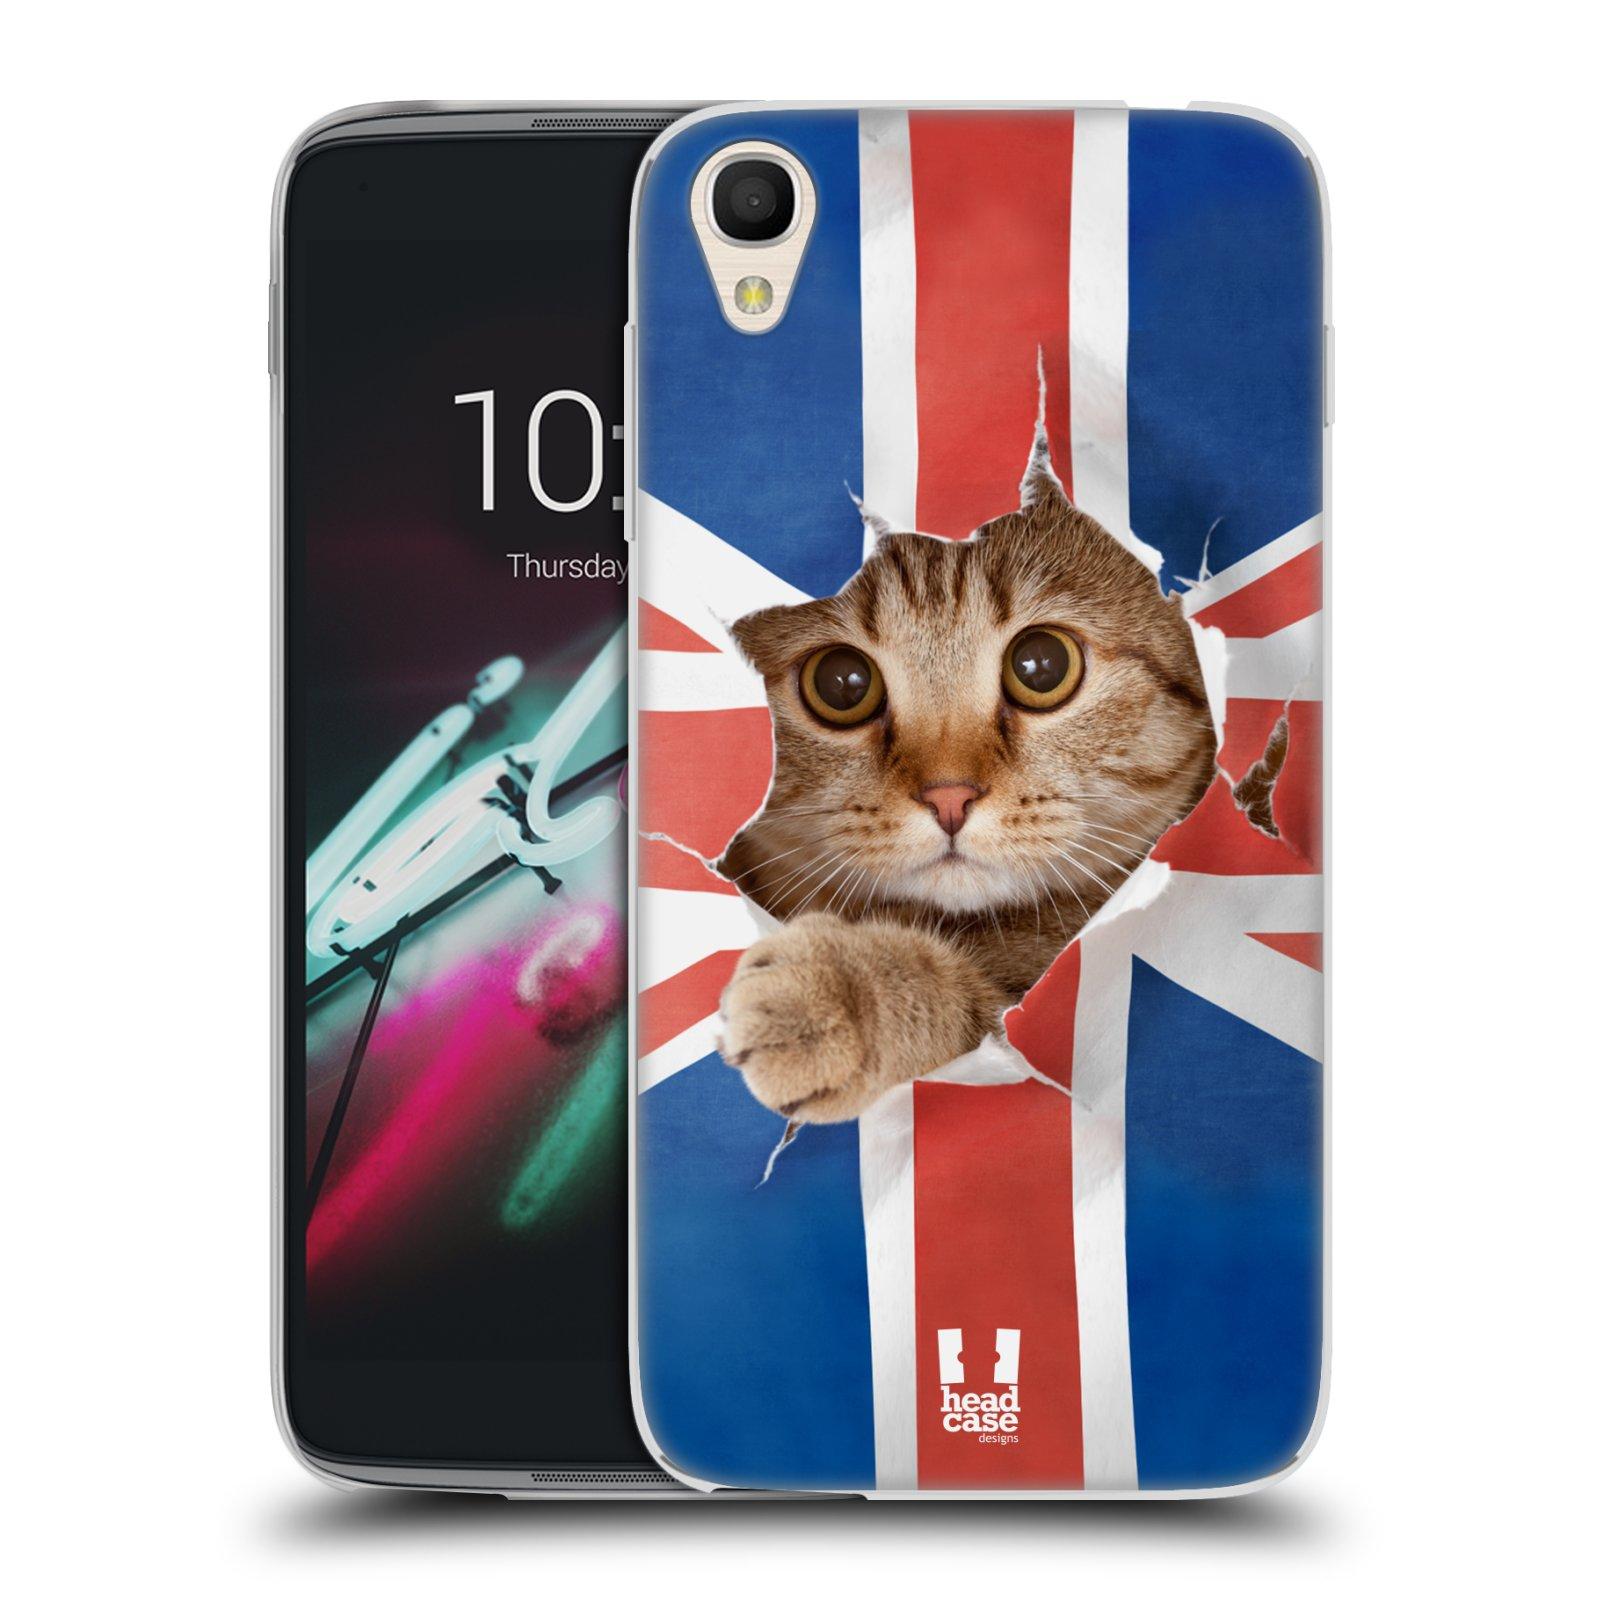 HEAD CASE silikonový obal na mobil Alcatel Idol 3 OT-6039Y (4.7) vzor Legrační zvířátka kočička a Velká Británie vlajka